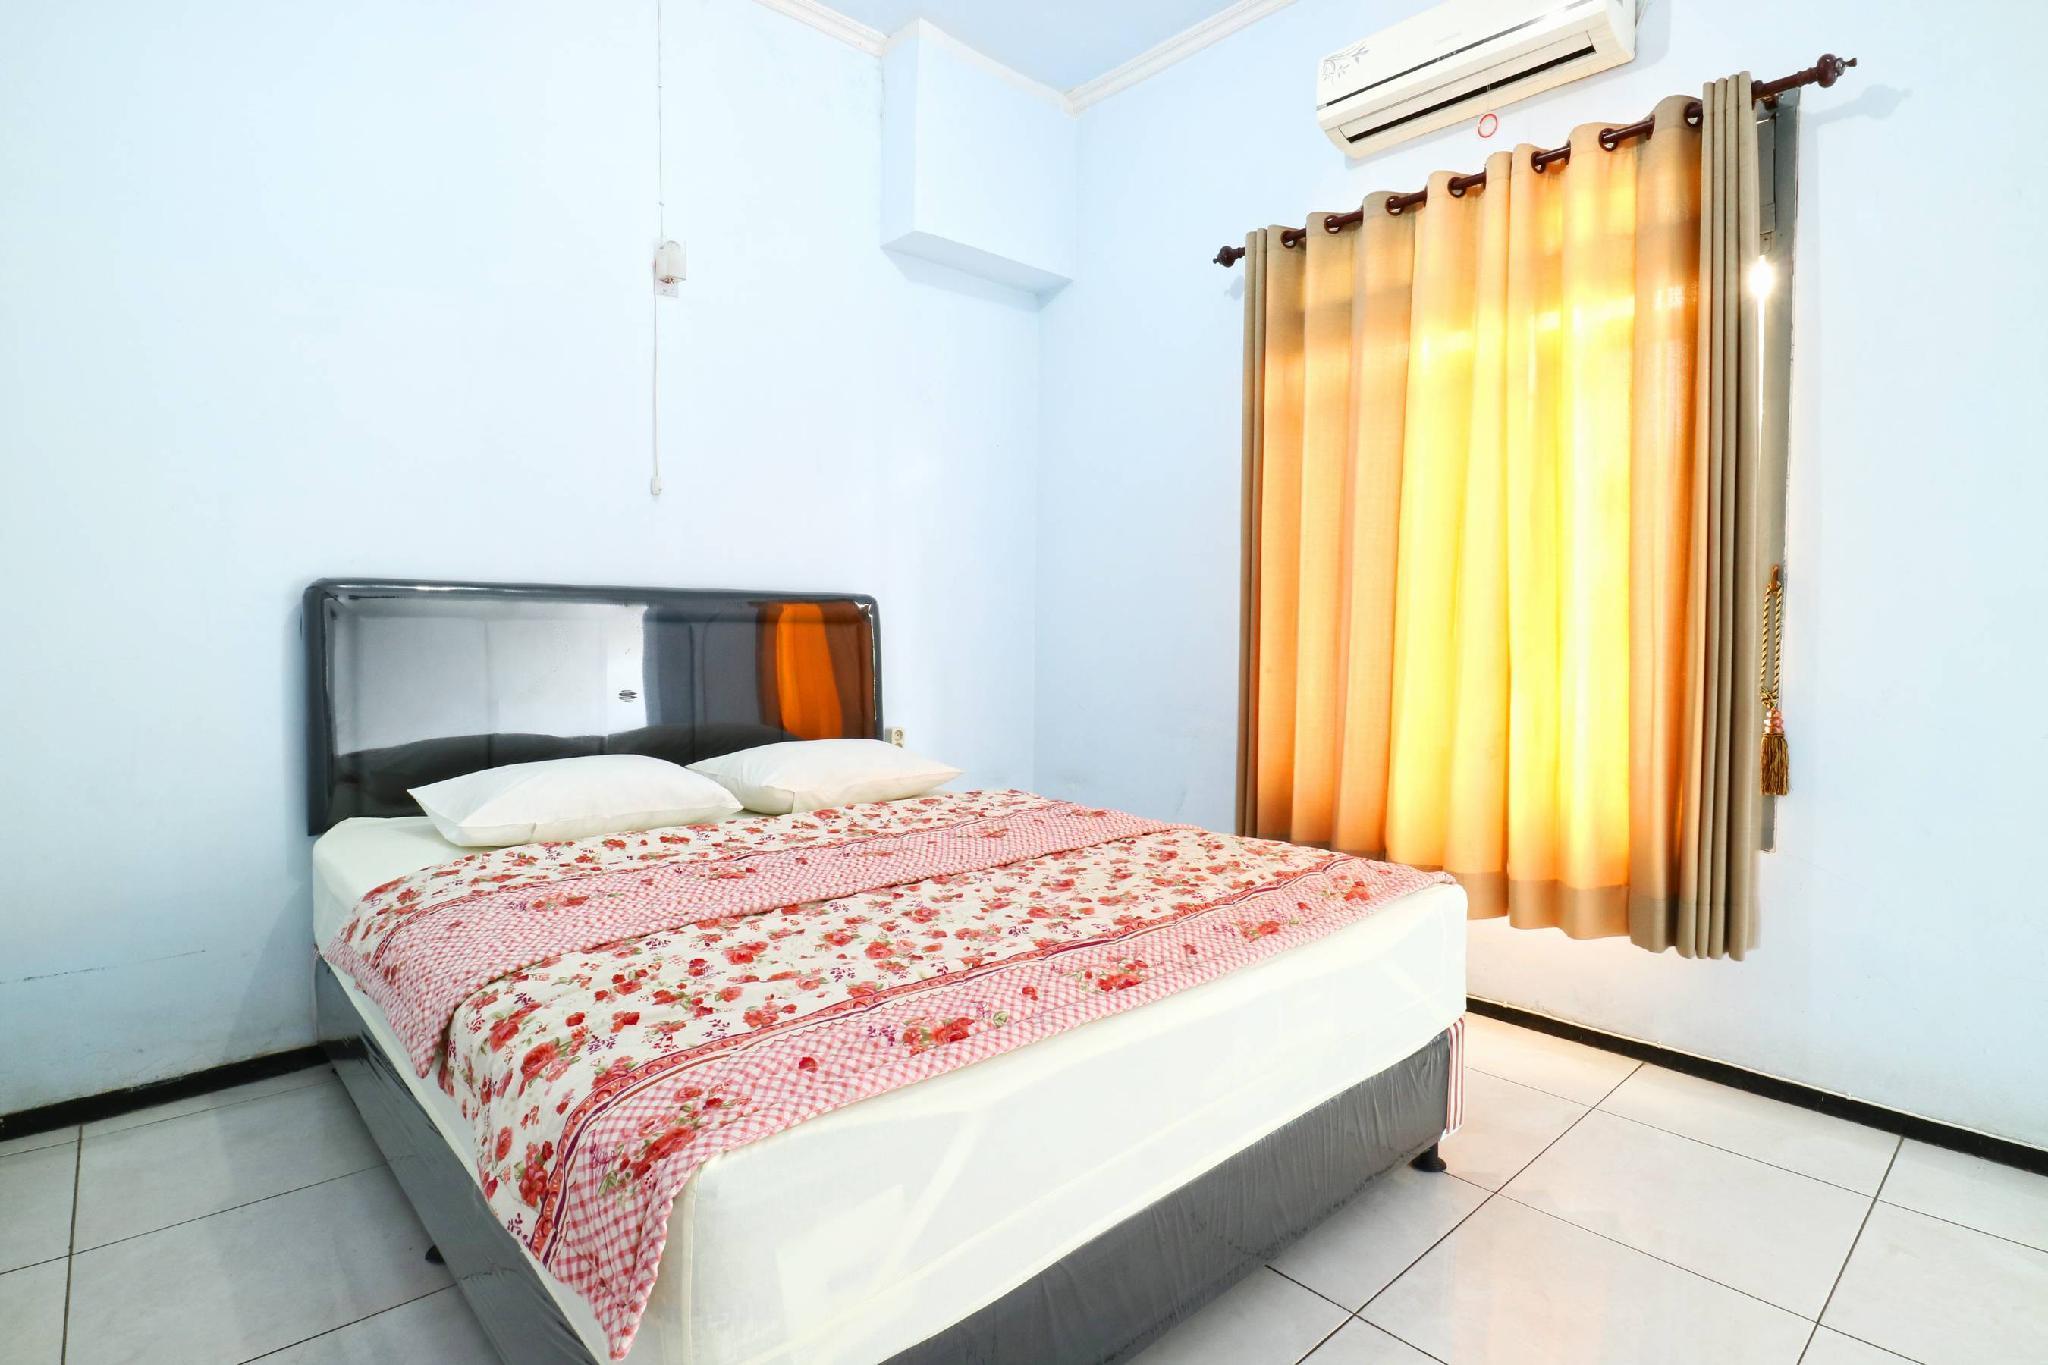 Hotel Bintang, Malang